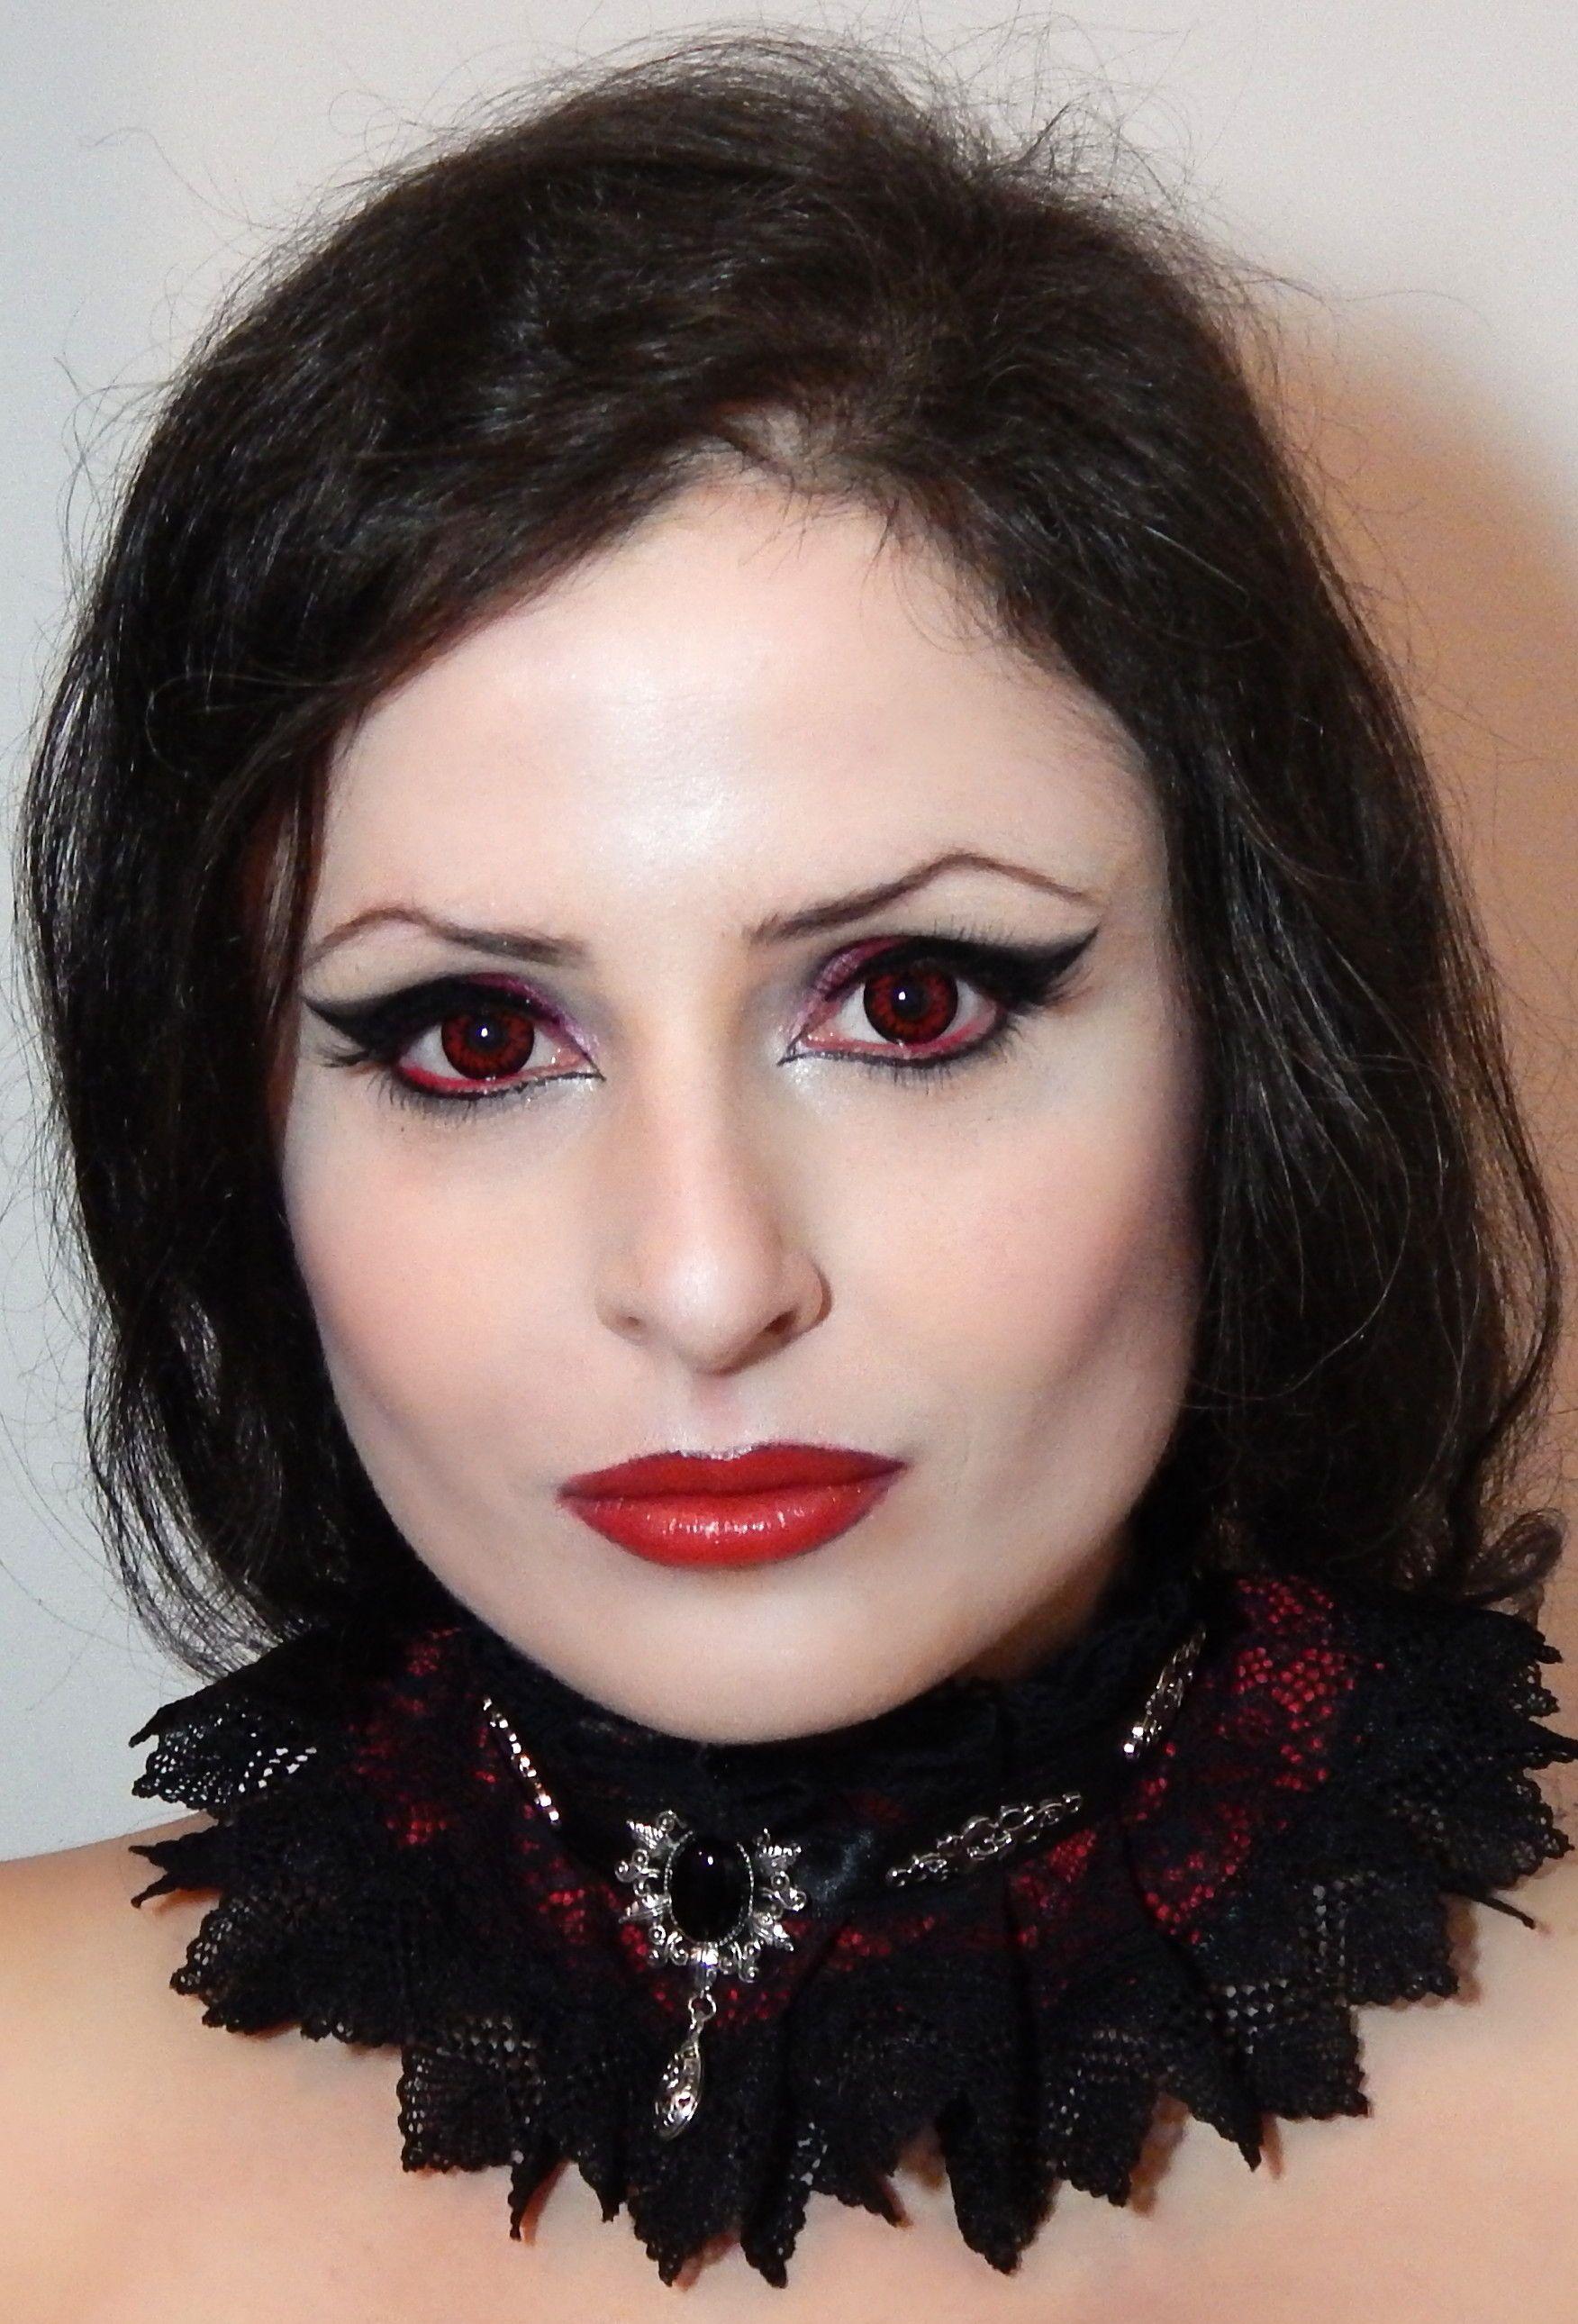 Gothic collar victorian choker elizabeth dark fashion romantic goth